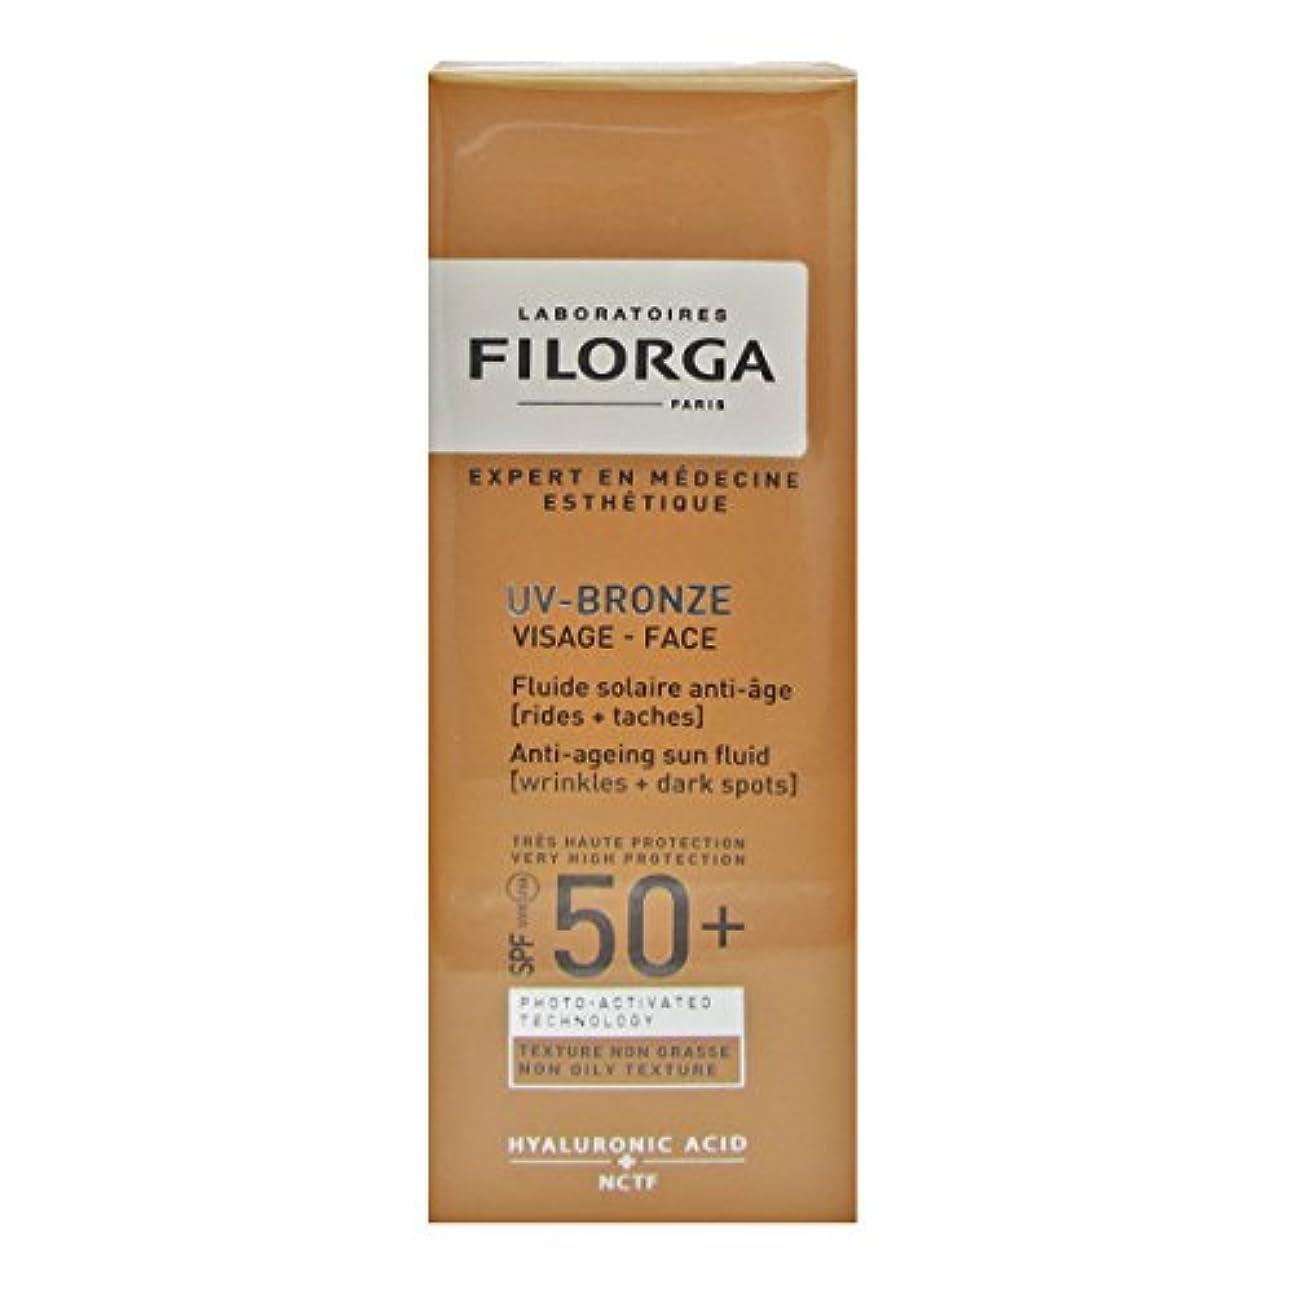 資金添加剤技術者Filorga Uv-bronze Face Fluid Spf50+ 40ml [並行輸入品]